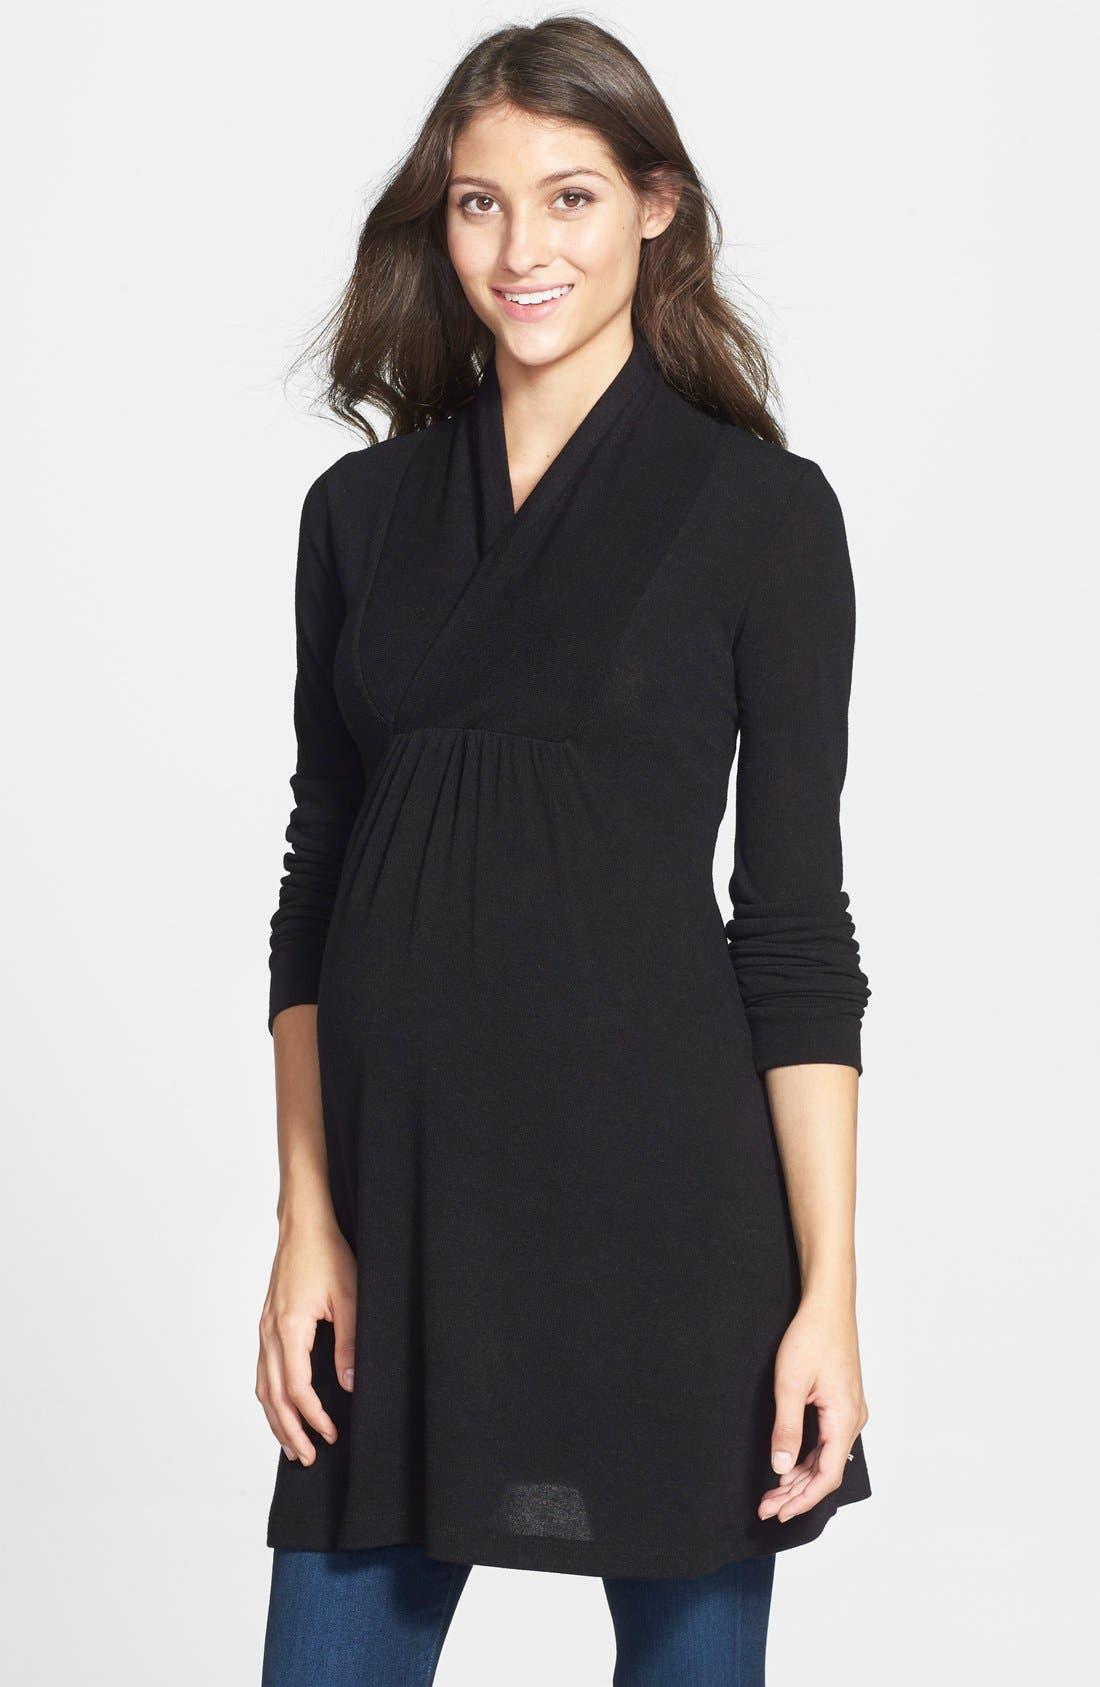 Main Image - Nom Maternity 'Tanya' Jersey Maternity Tunic